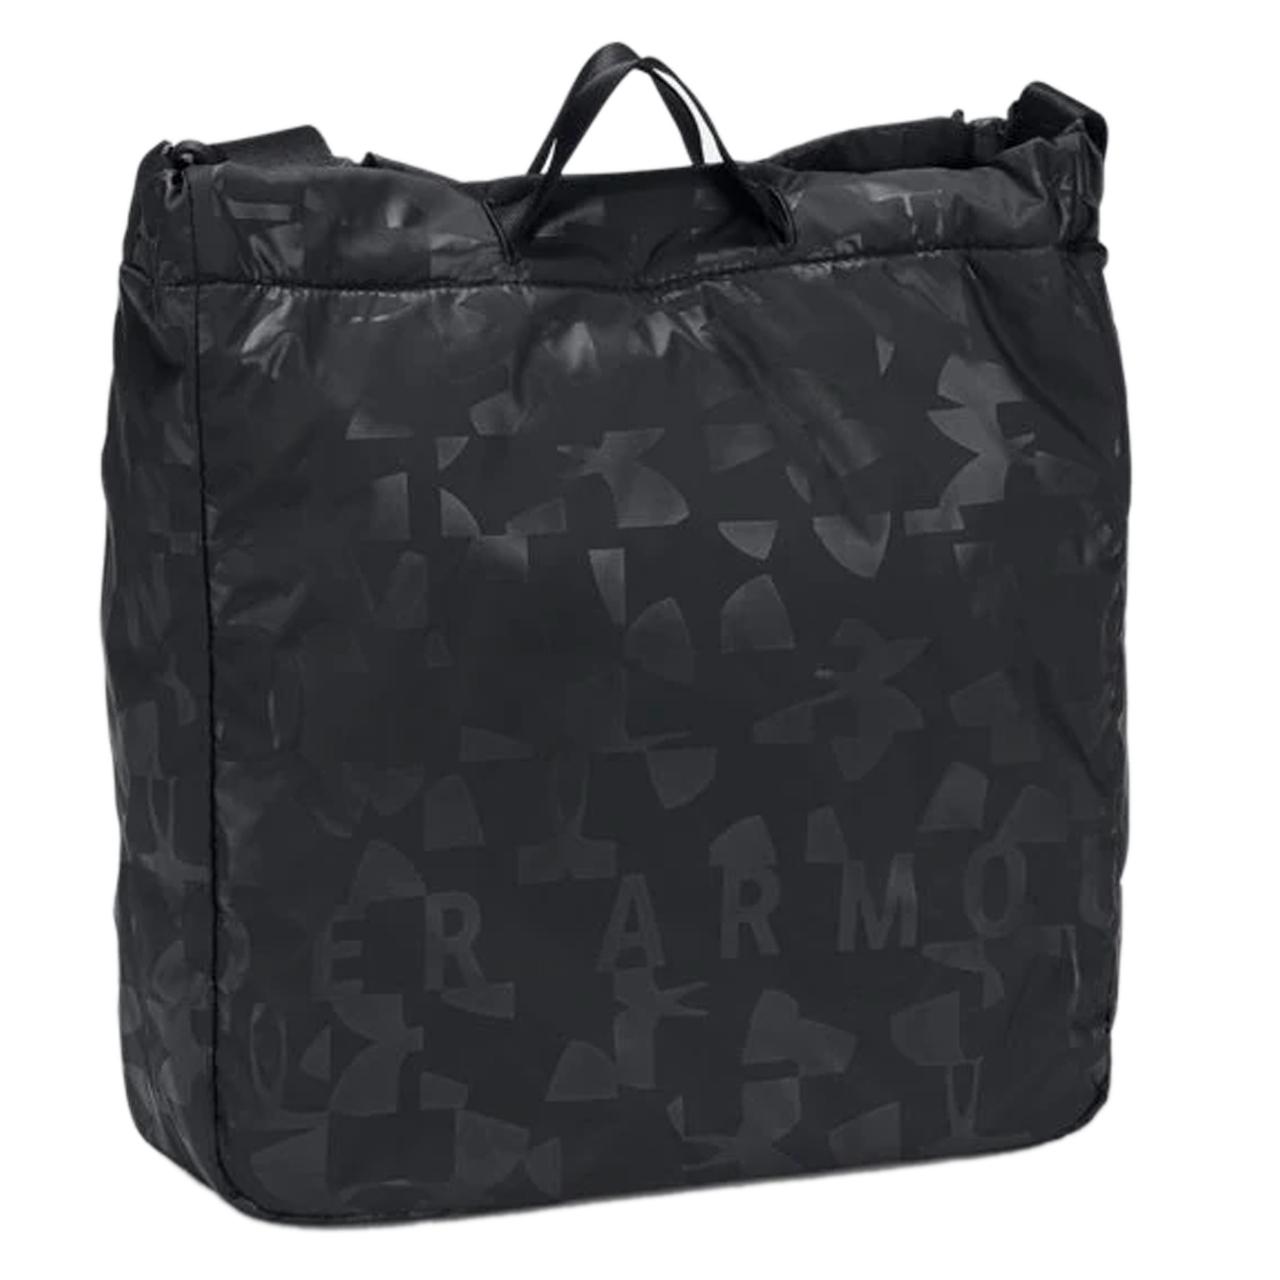 ساک ورزشی آندر آرمور مدل 1291002-002 | Under Armour 1291002-002 Duffel Bag